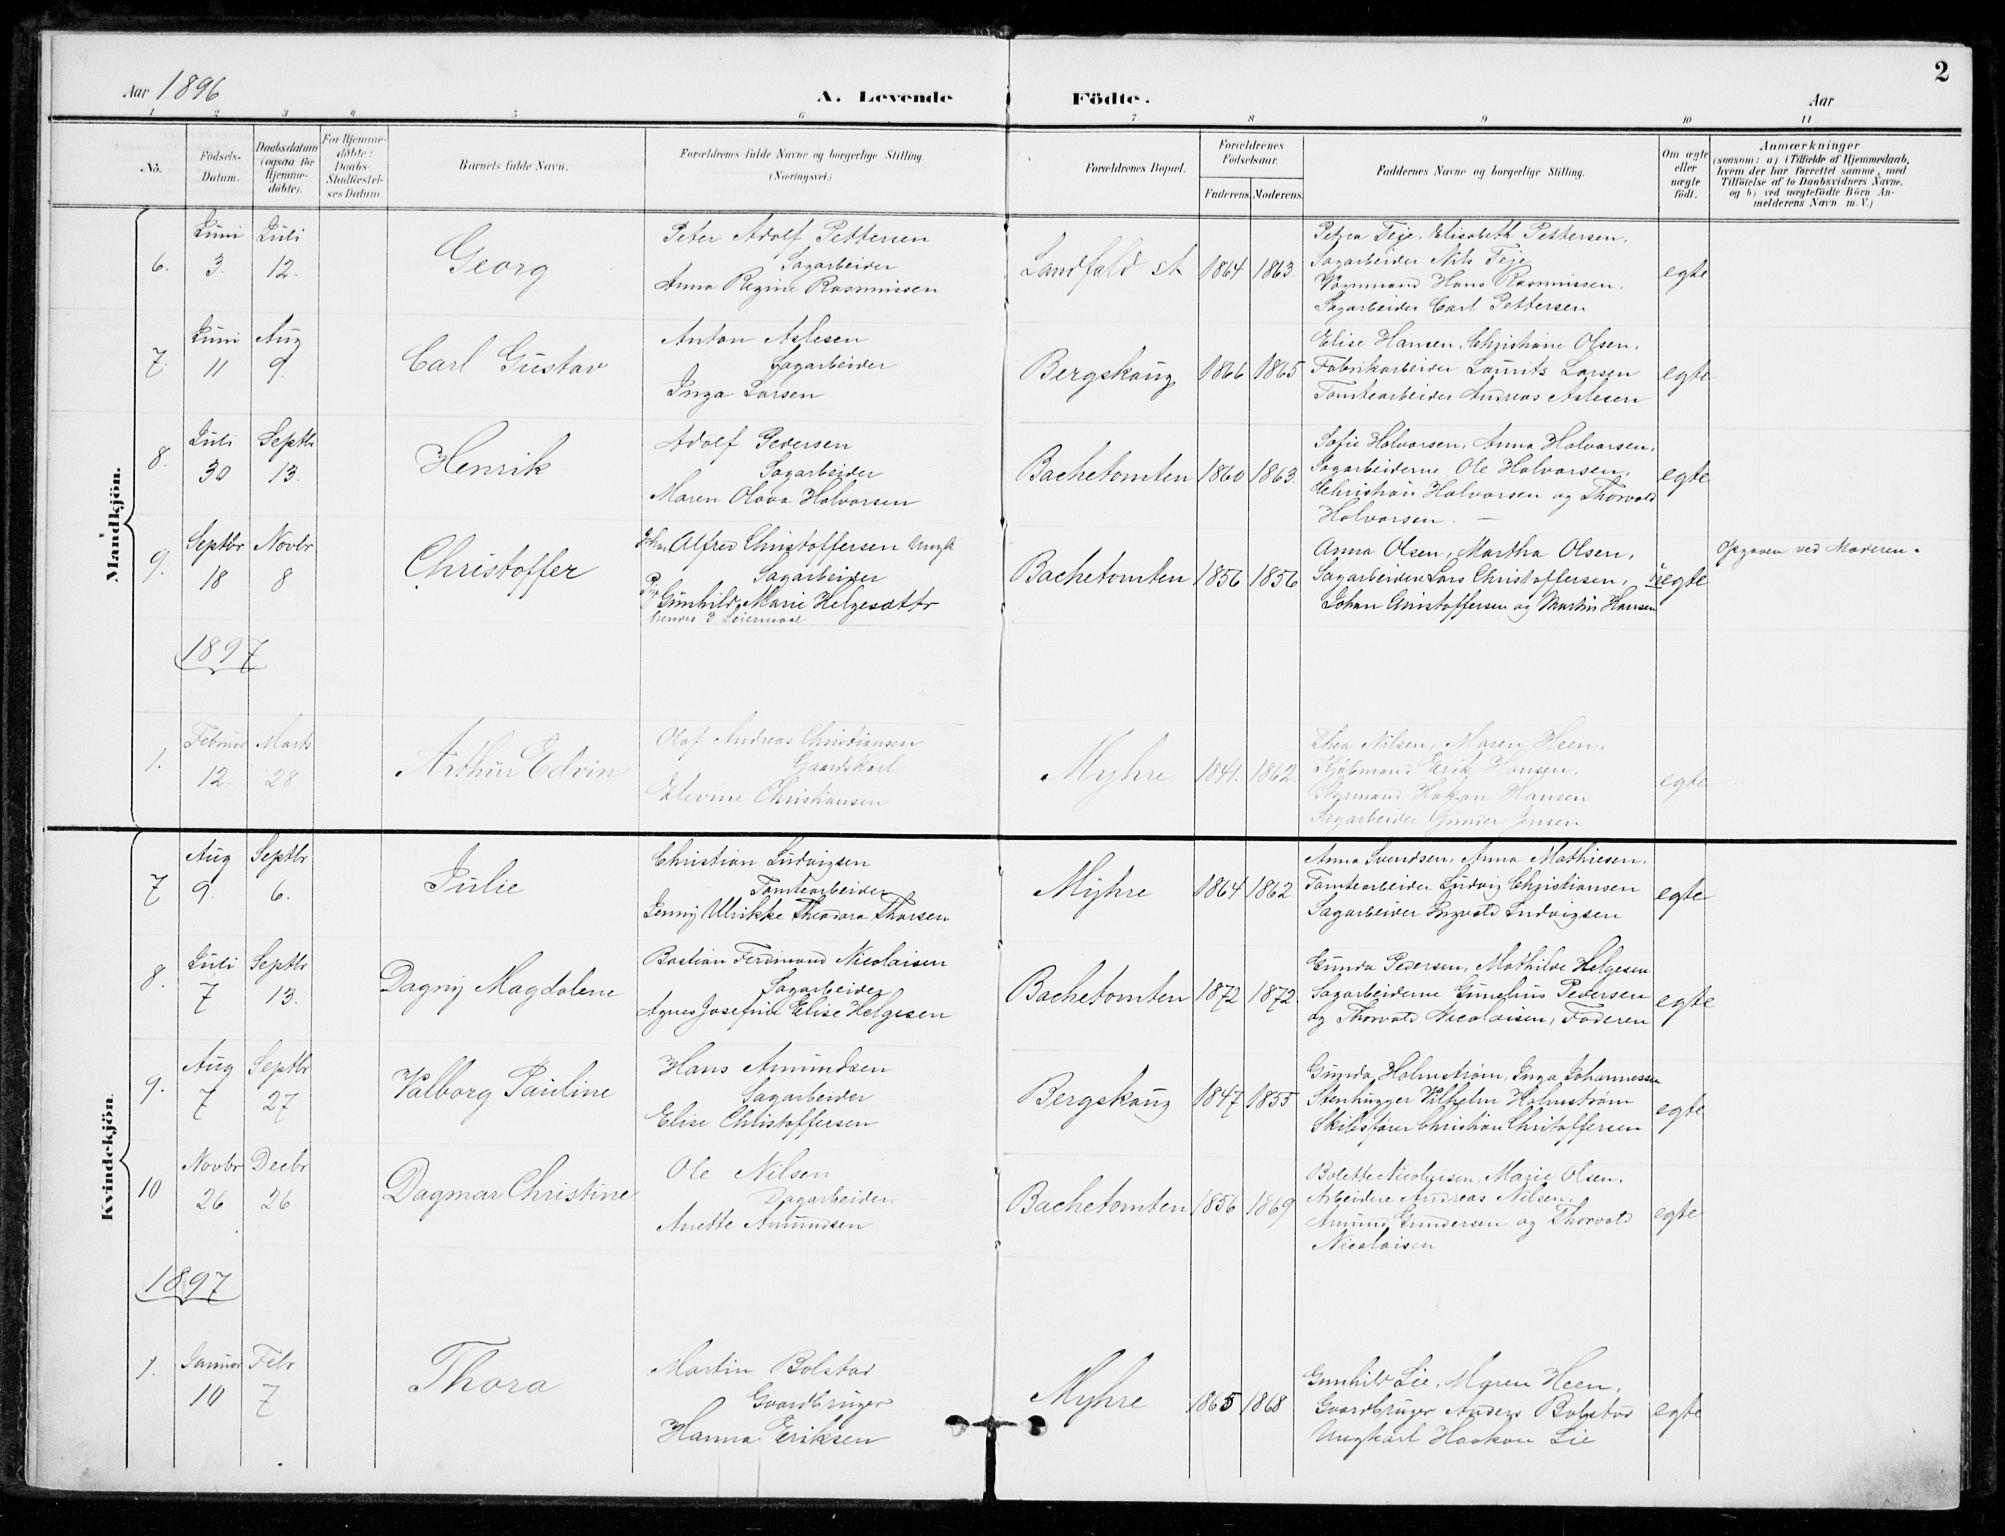 SAKO, Åssiden kirkebøker, F/Fa/L0002: Ministerialbok nr. 2, 1896-1916, s. 2